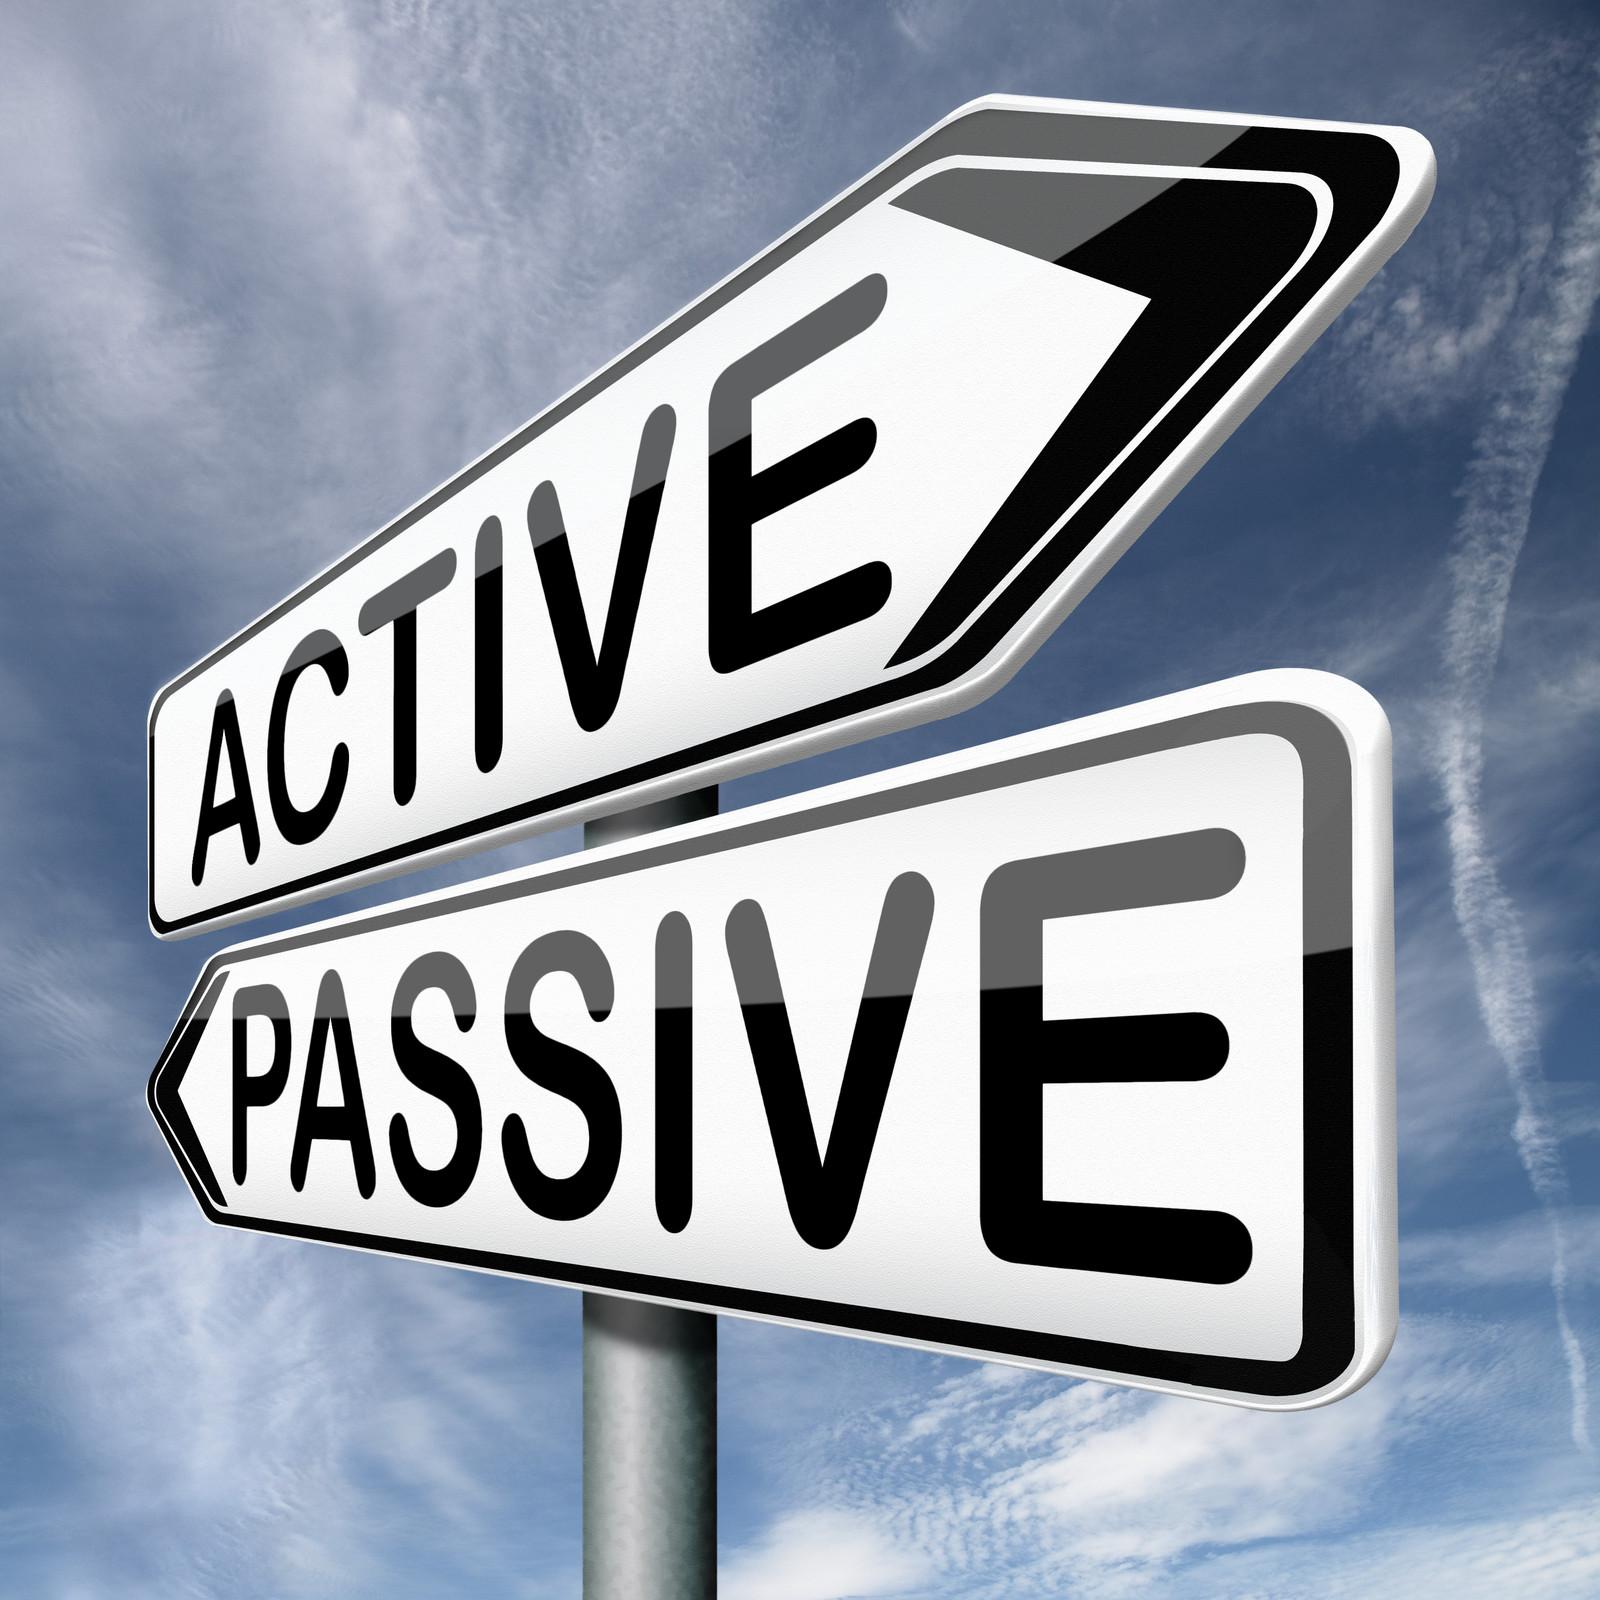 Unit 9: Passive voice